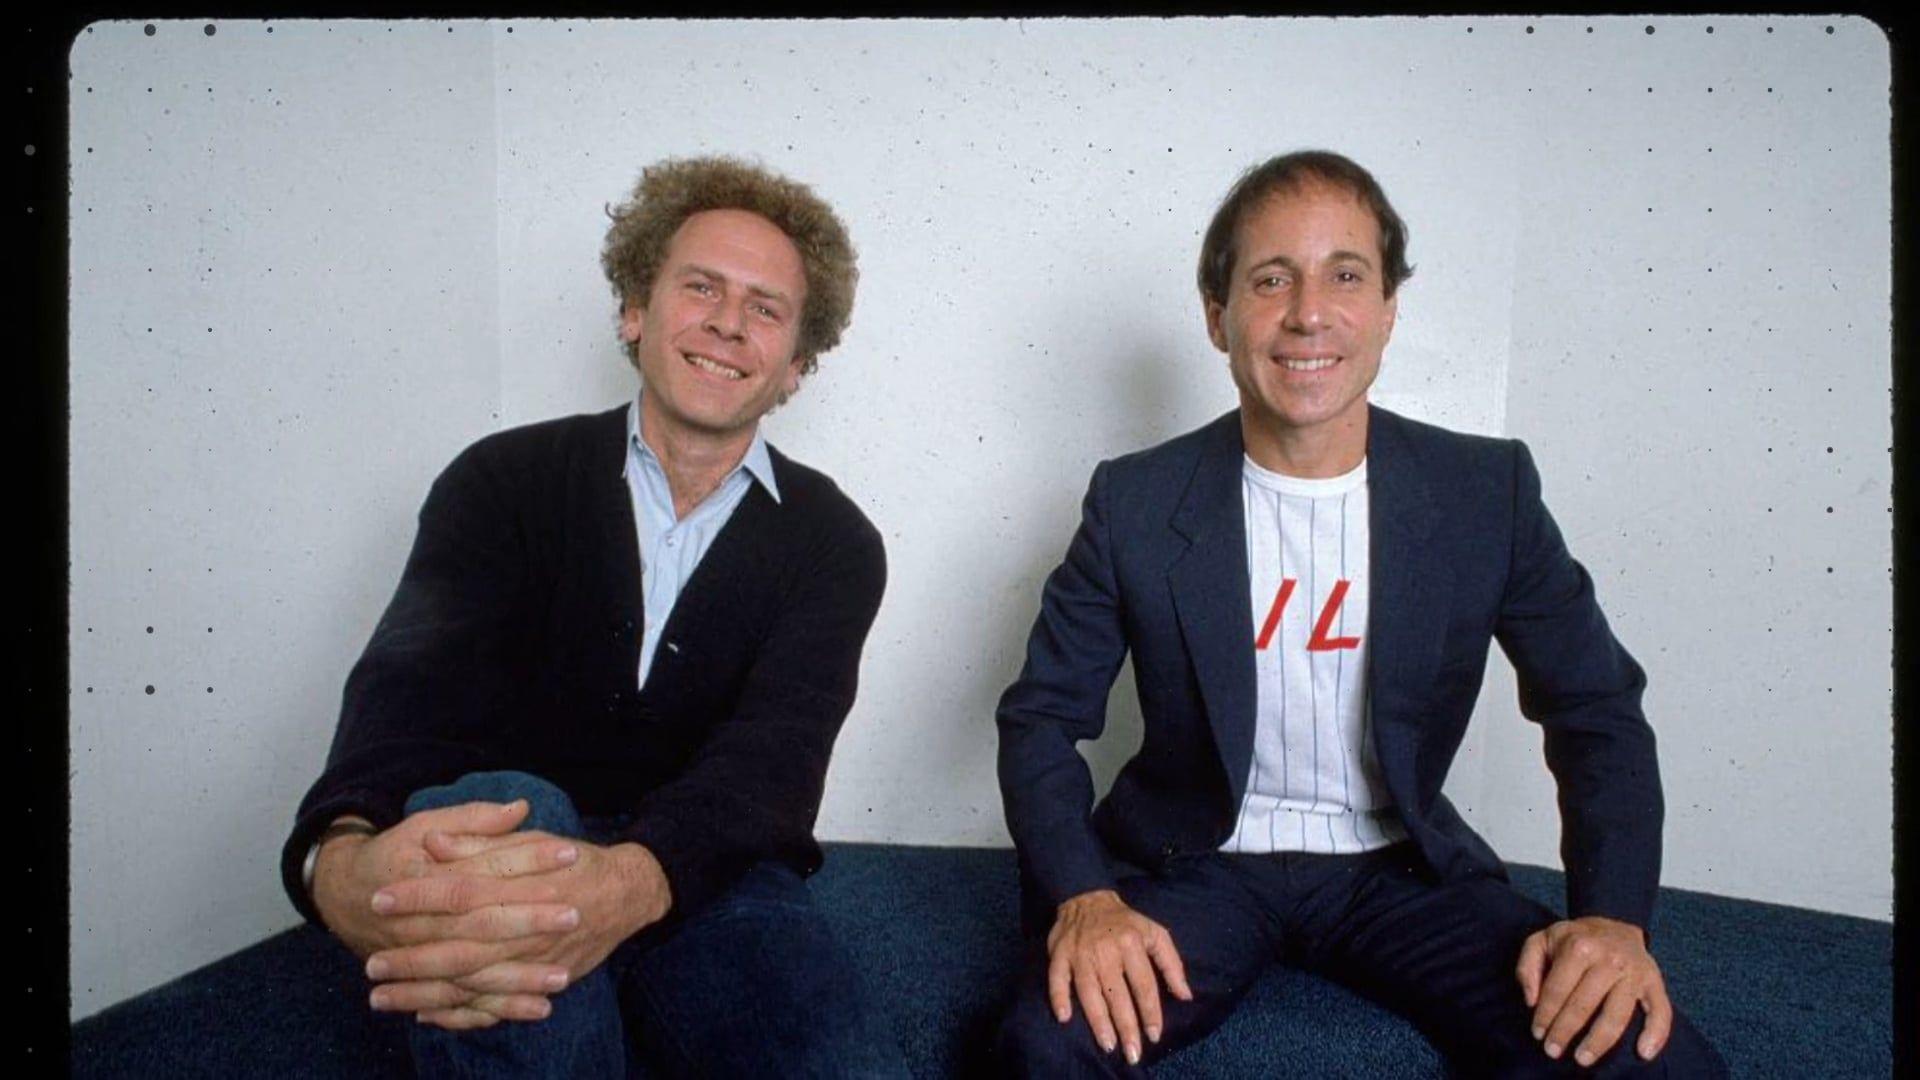 Simon & Garfunkel: So sehen die Kult-Musiker heute aus